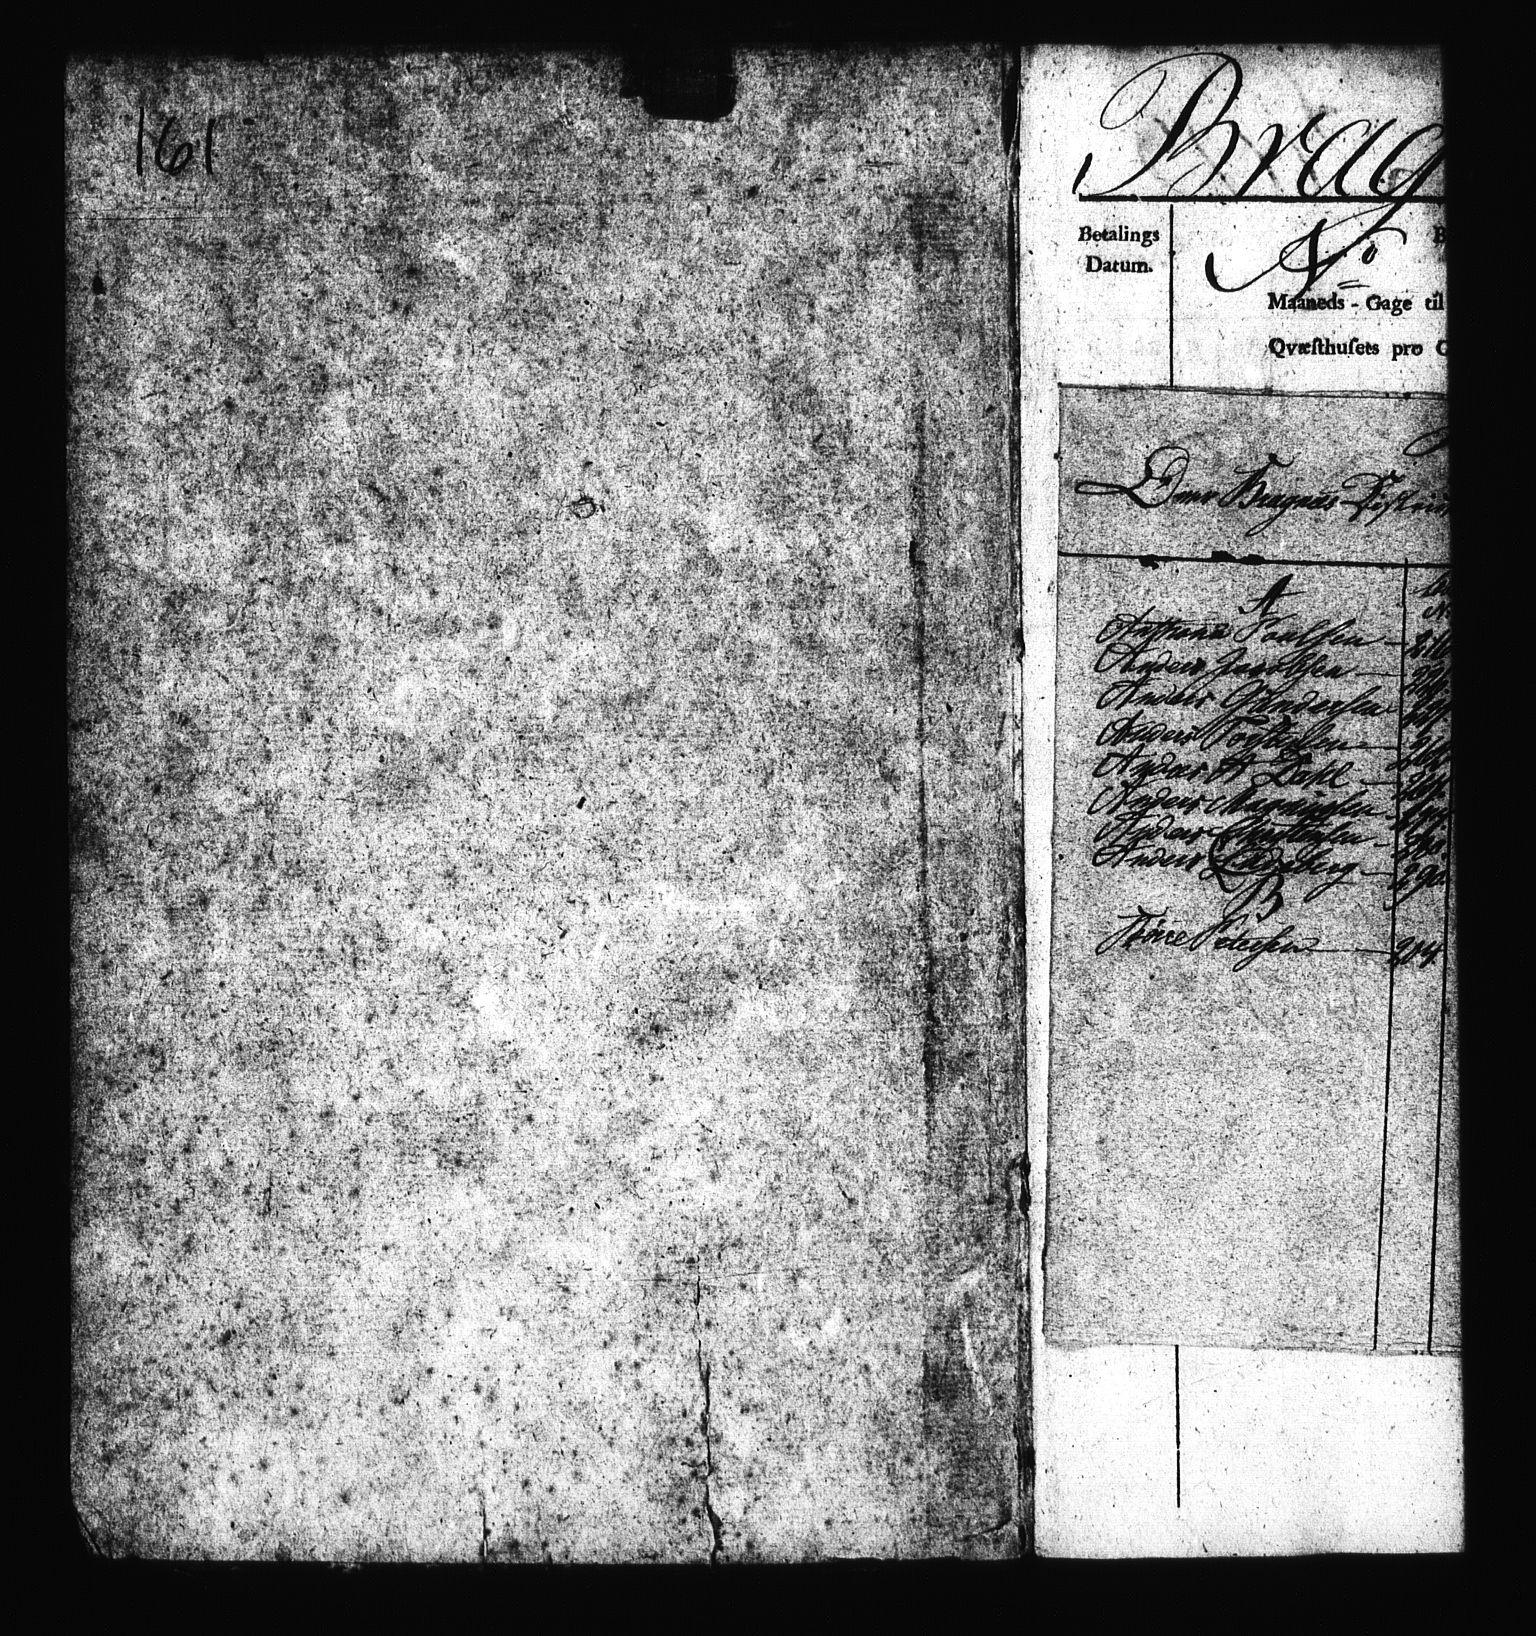 RA, Sjøetaten, F/L0162: Bragernes distrikt, bind 3, 1811